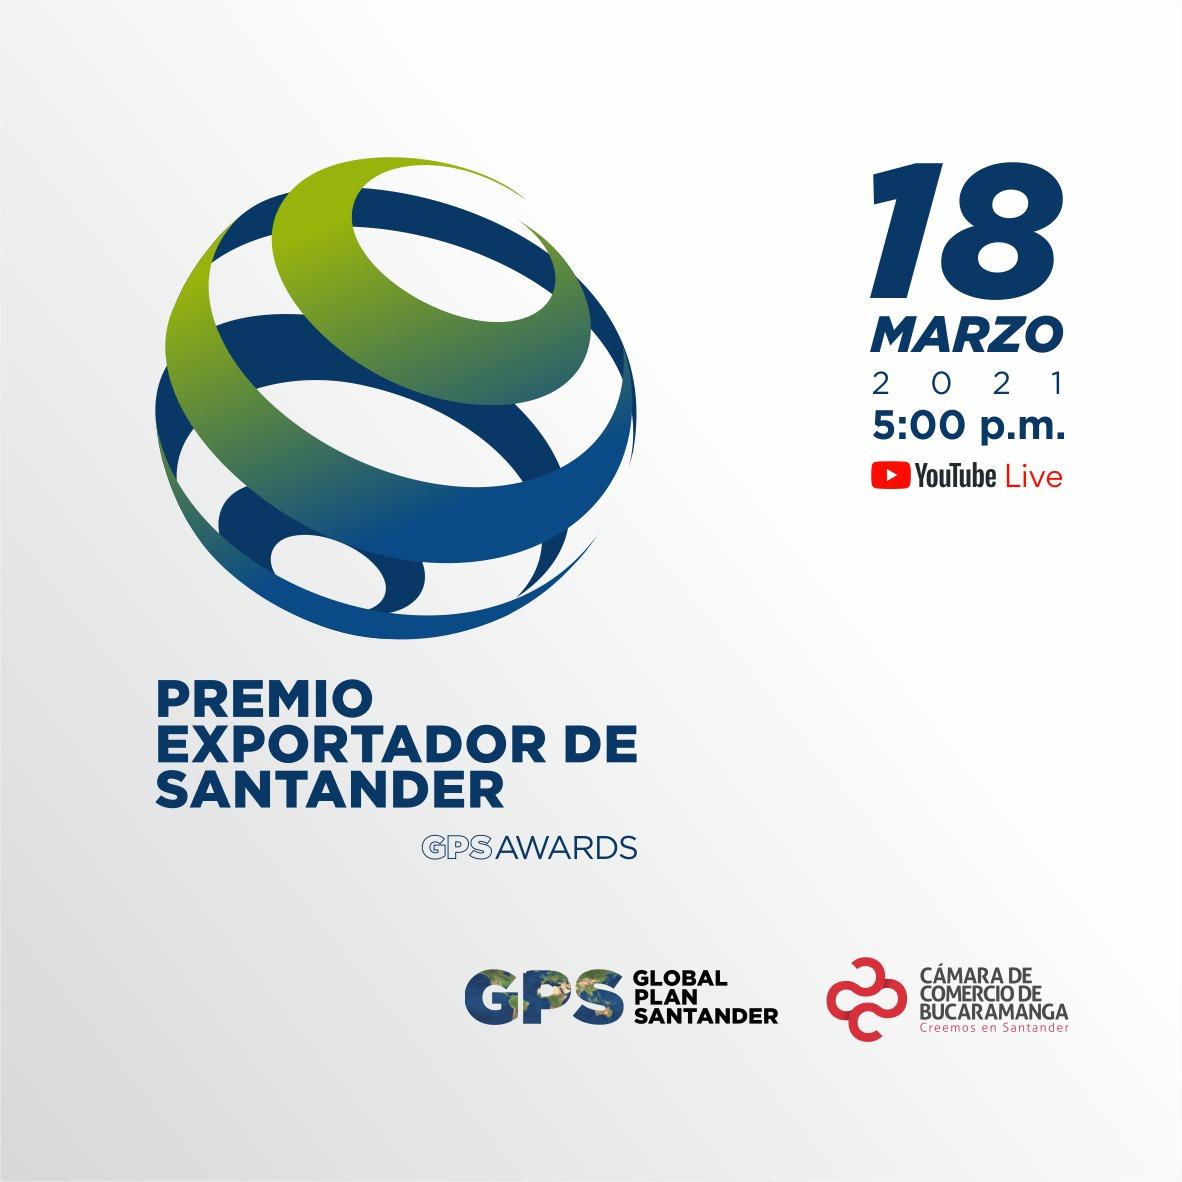 La Cámara de Comercio de Bucaramanga exaltará a los exportadores santandereanos en los GPS Awards